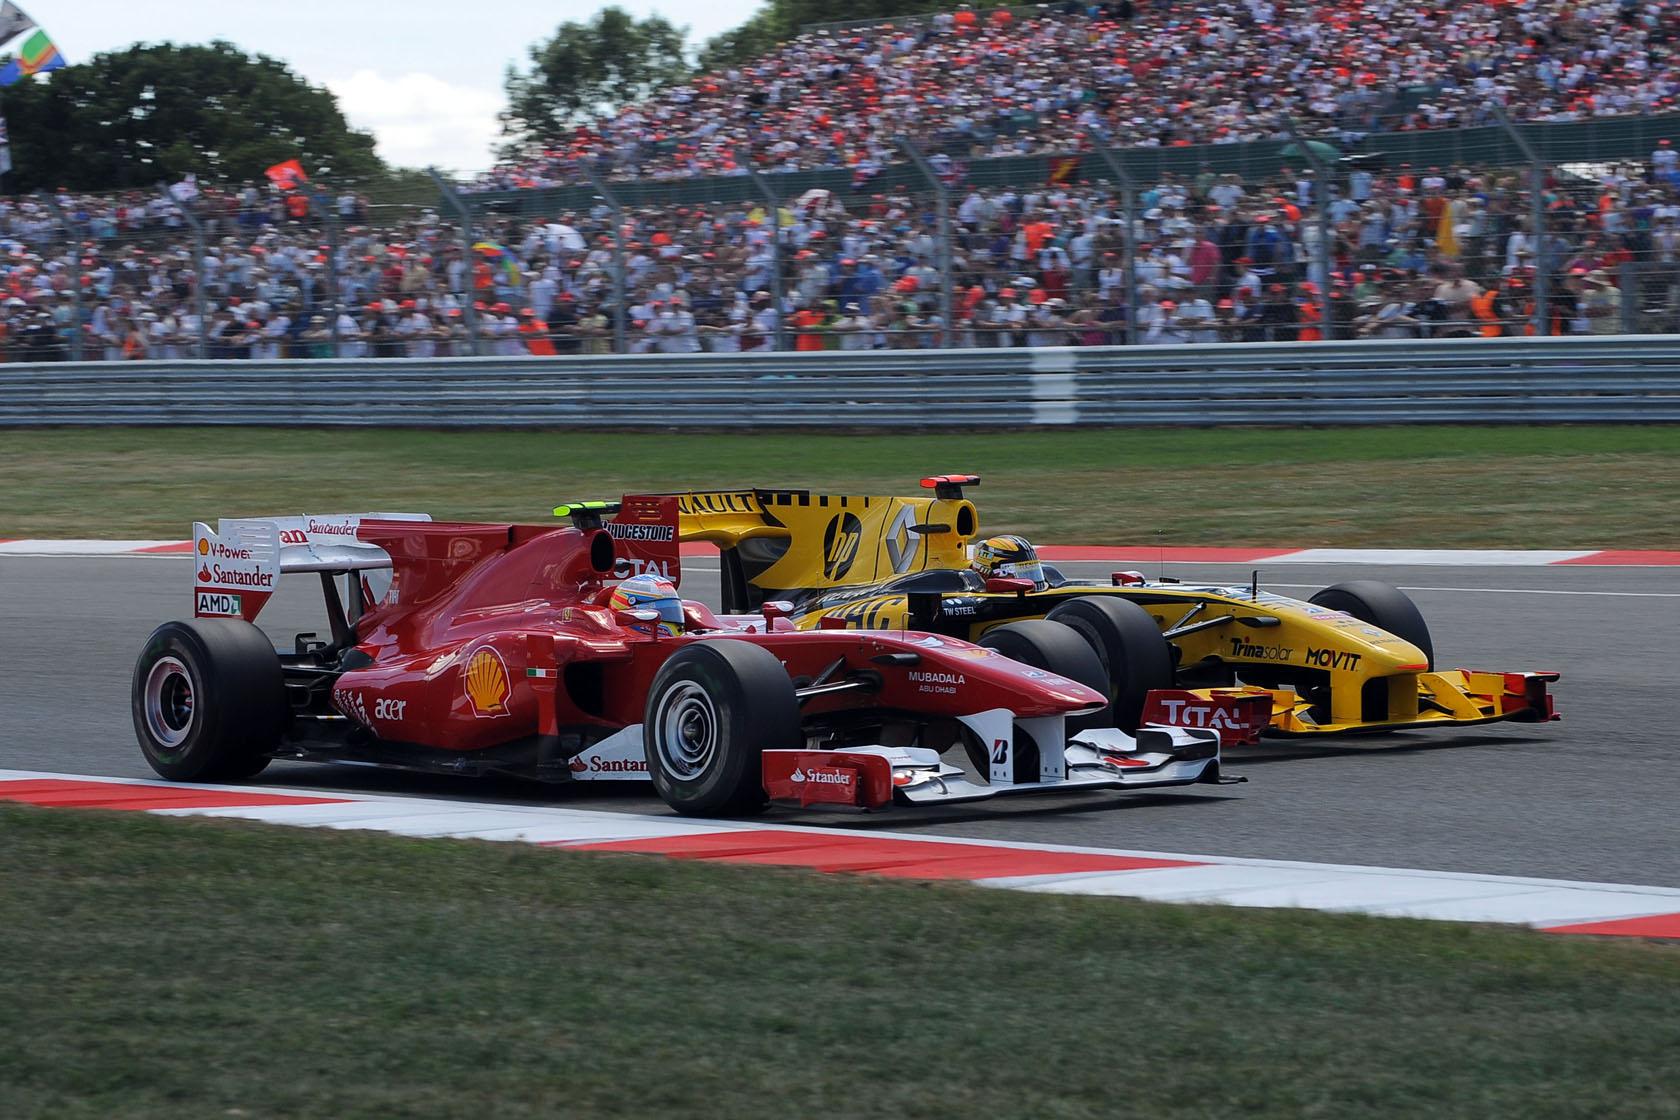 Polémico adelantamiento de Fernando Alonso a Robert Kubica en el GP de Gran Bretaña 2010